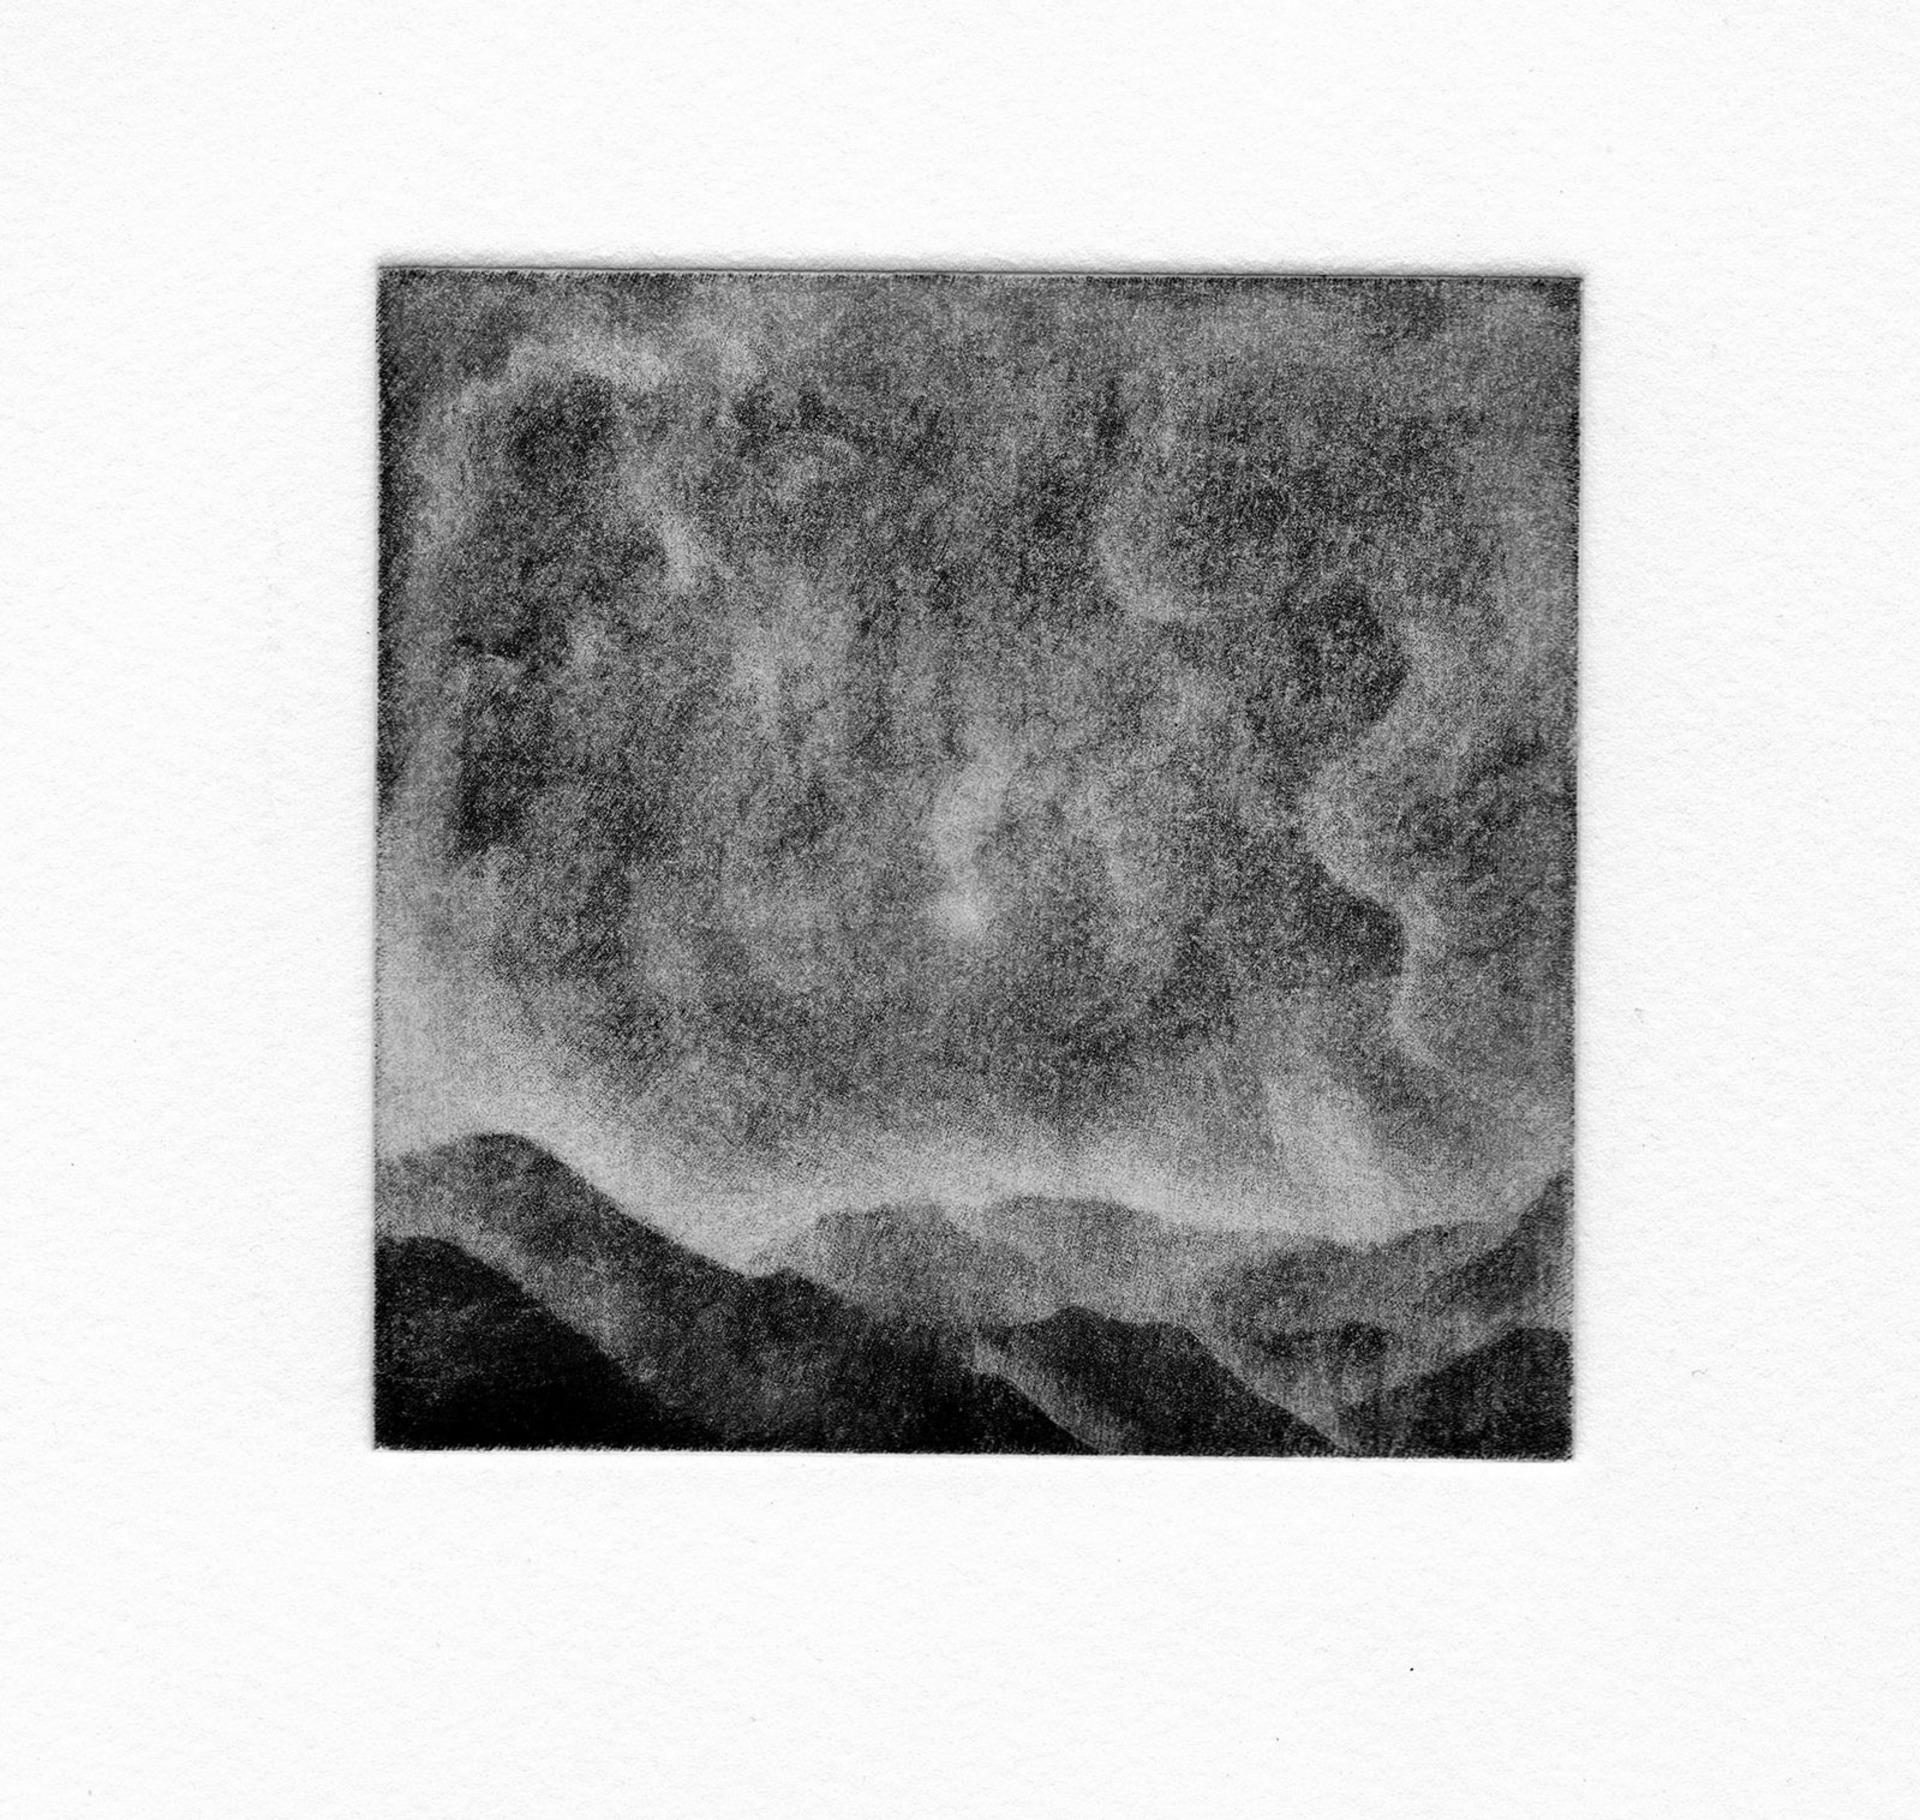 Misty land (2020)